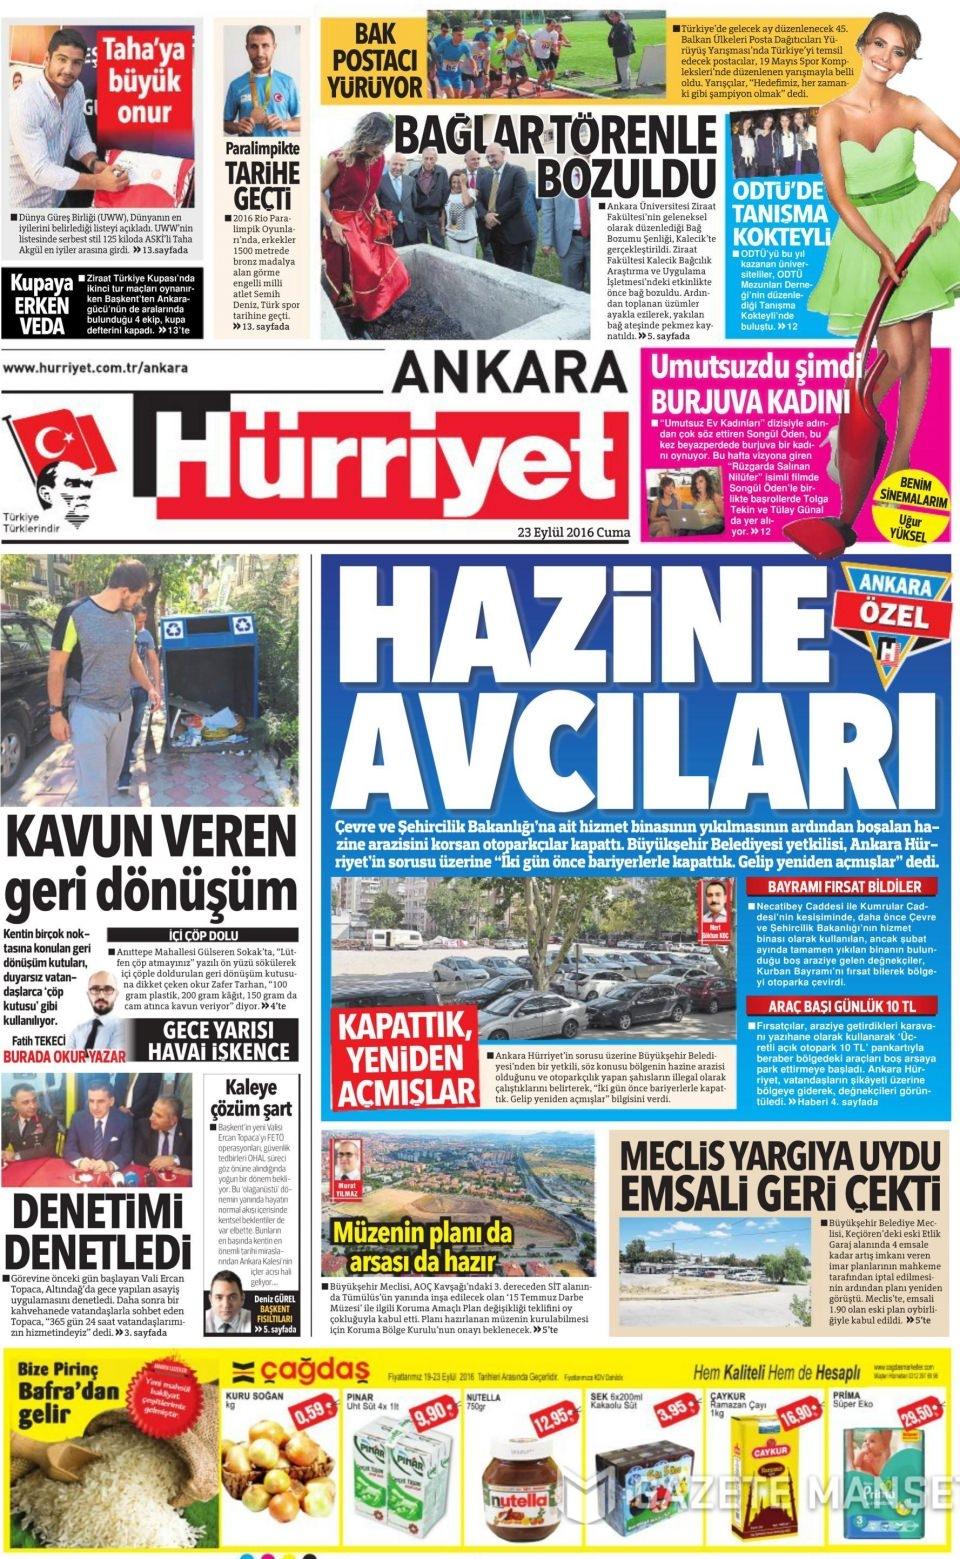 23 Eylül Cuma gazete manşetleri 11